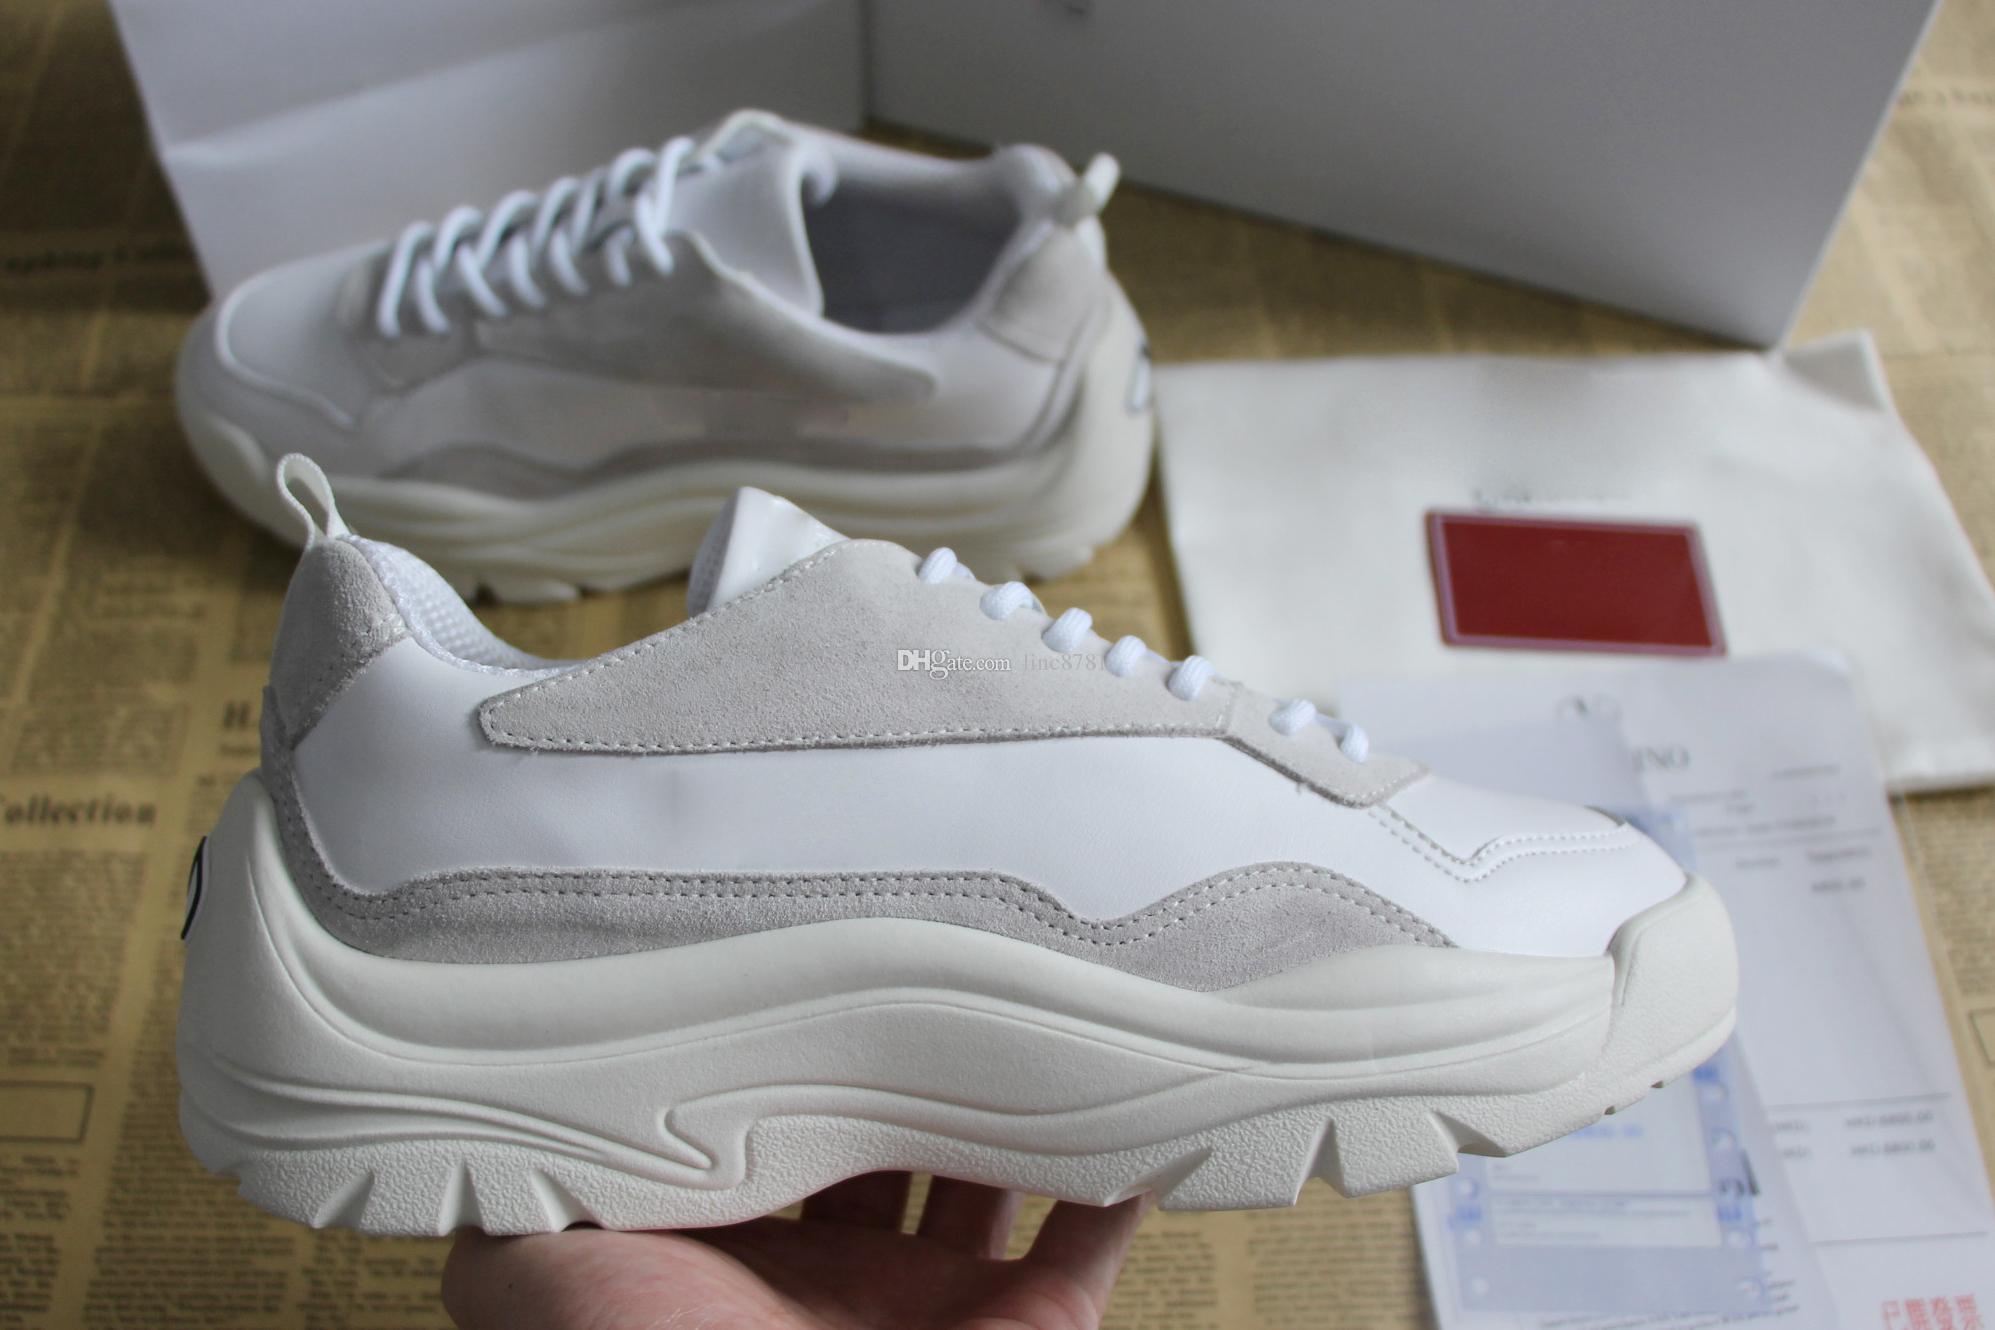 e7812a8f614a0 Compre Moda Homem Mulheres Sapato Sapatos De Grife De Marca De Luxo Tênis  De Corrida De Bezerro E Camurça Sapatilha De Couro Sola De Borracha Tamanho  34 46 ...